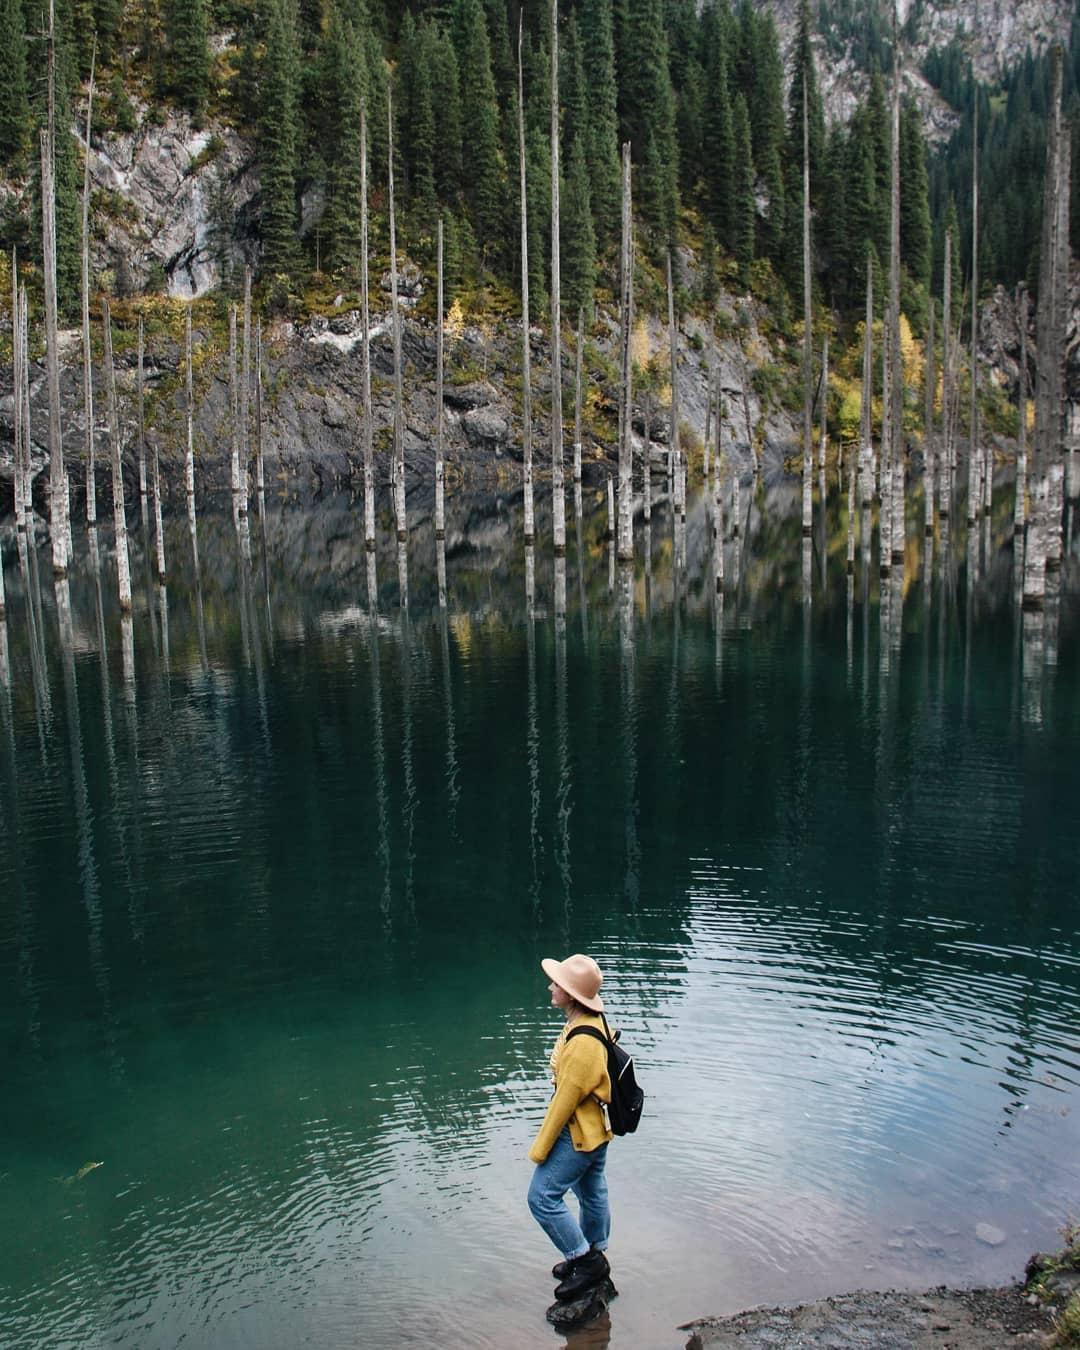 Hồ nước có rừng cây mọc ngược từ dưới đáy Ảnh 9